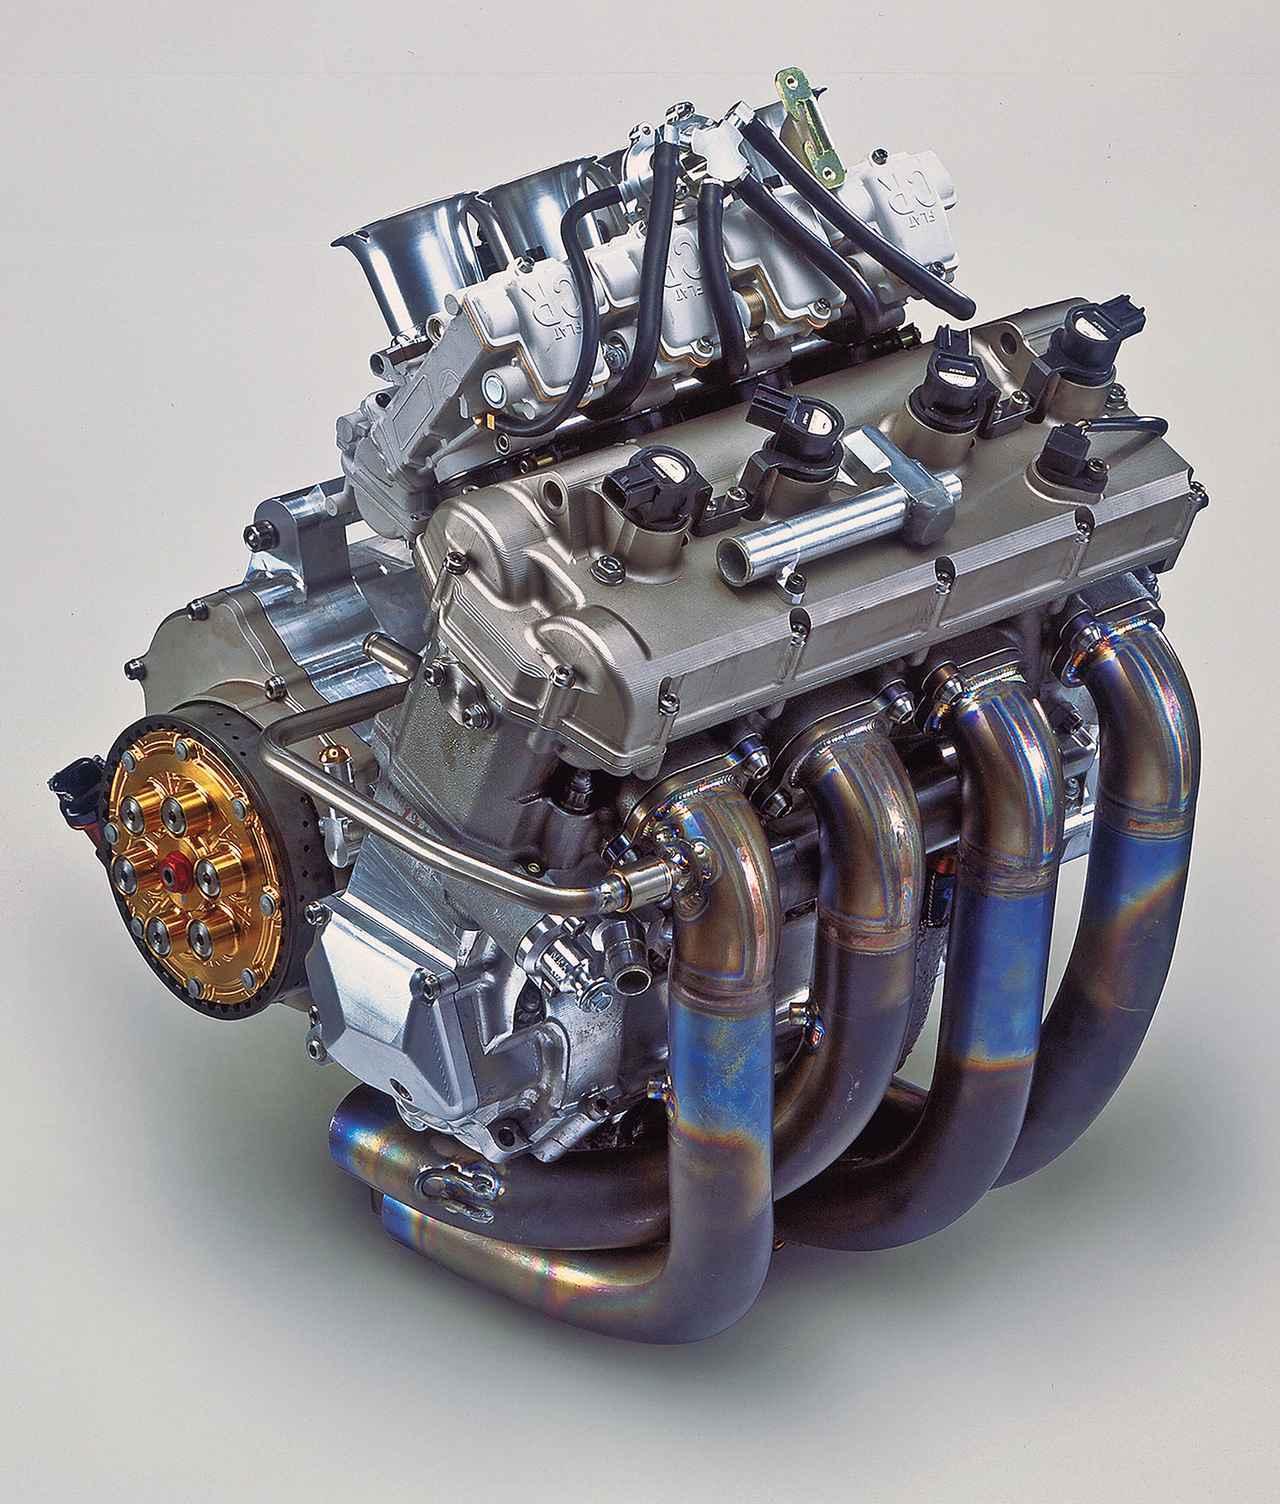 画像: 良好な操安性を誇った同社の2サイクル500㏄マシーンYZR500の車体をベースに、そのフレームに搭載できることを最優先して造られた並列4気筒エンジン。最初期型は排気量が942㏄、吸入方式が電子制御キャブレター、カムシャフト駆動にチェーンを用いるなど、性能目標を低めに設定しているのが特異だった。